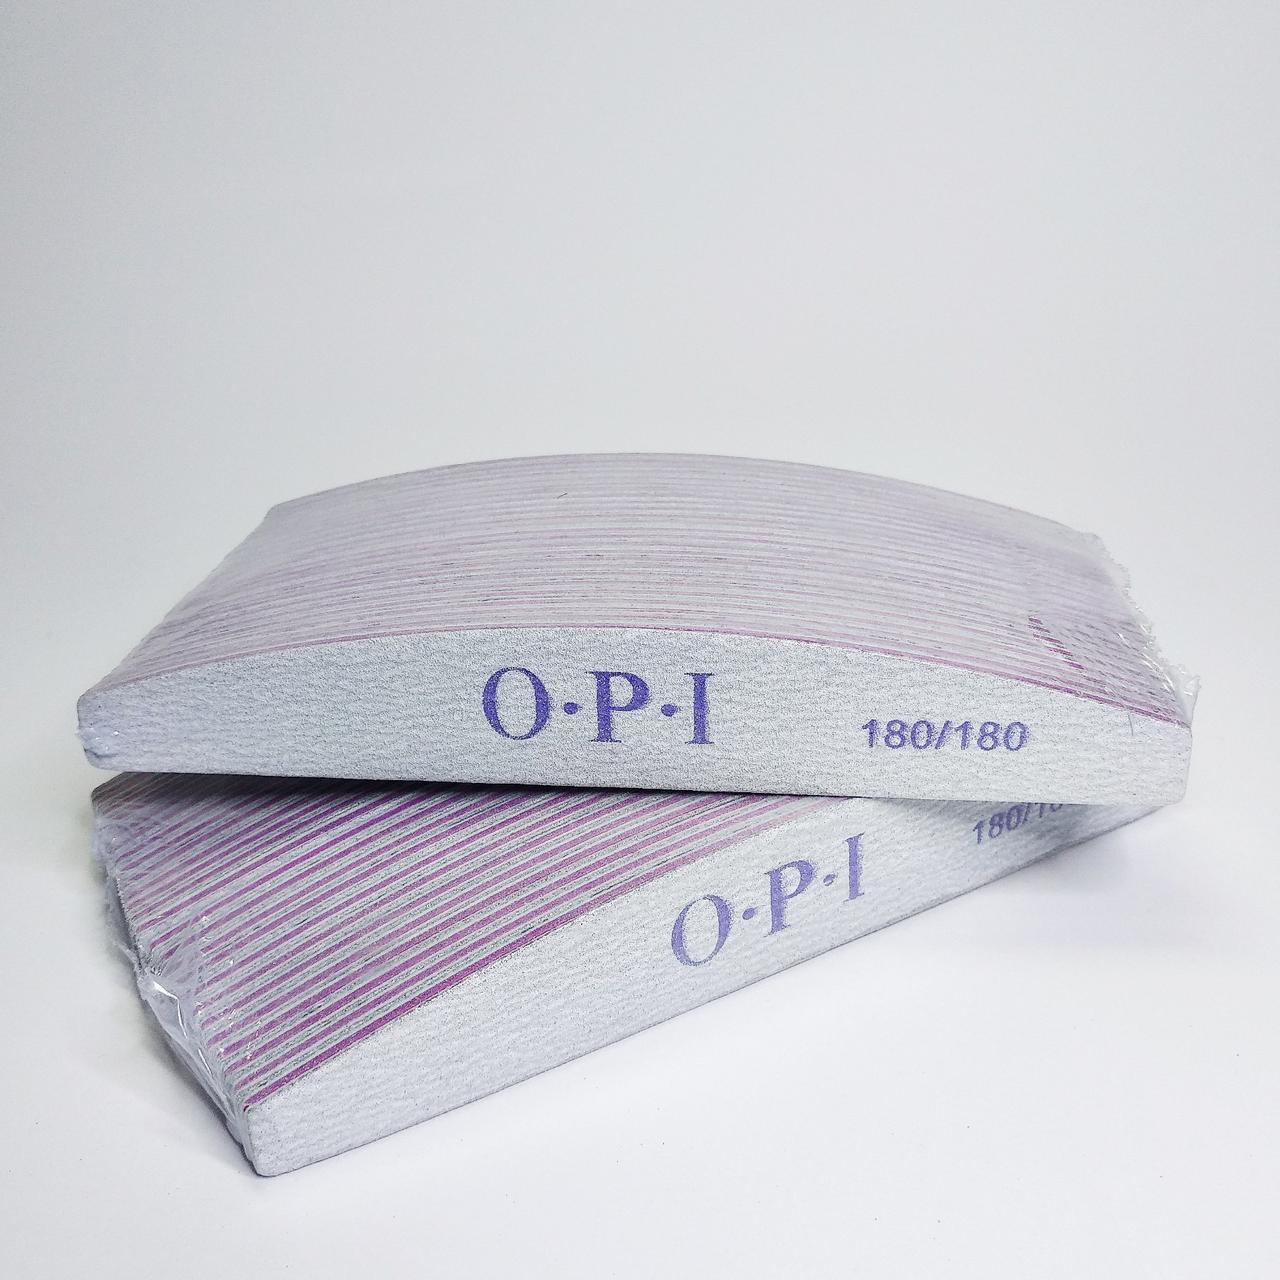 Пилочка для ногтей OPI 180/180 лодочка, 50 шт